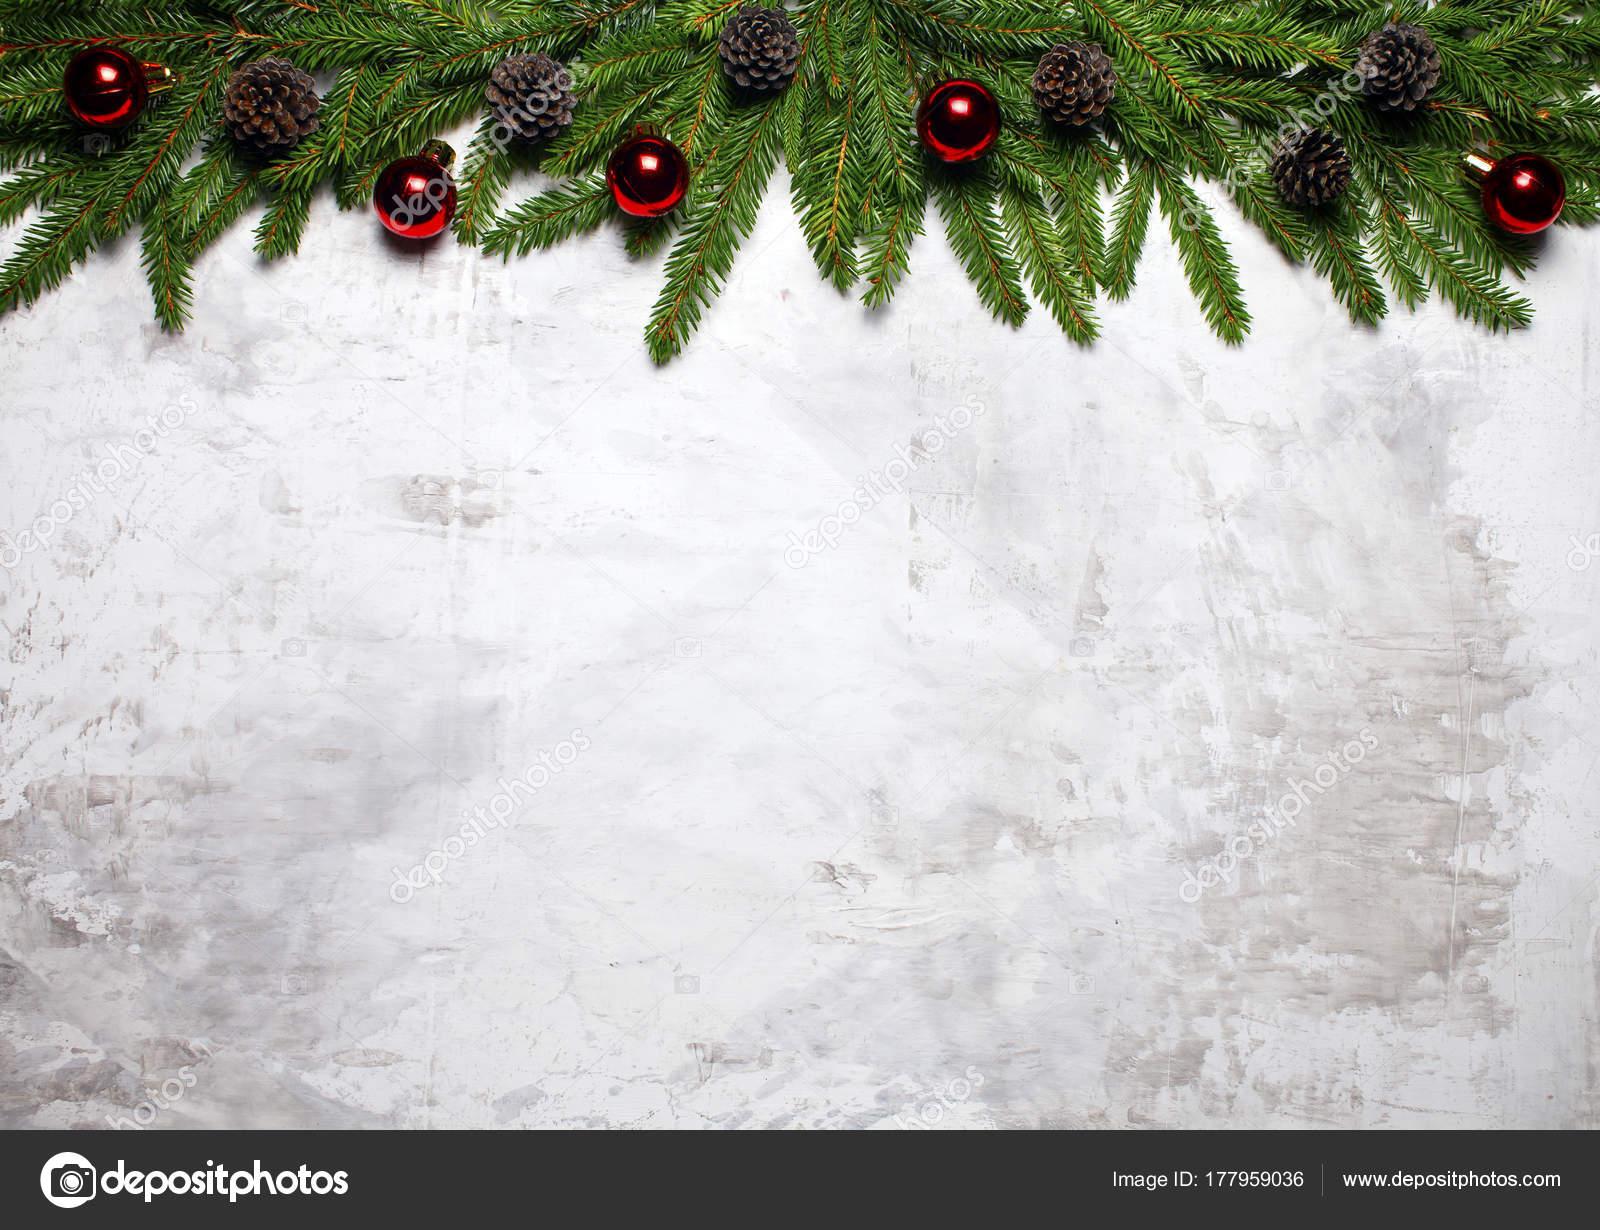 Weihnachten Wallpaper.Weiße Weihnachten Hintergrund Mit Tannenzweigen Und Tannenzapfen